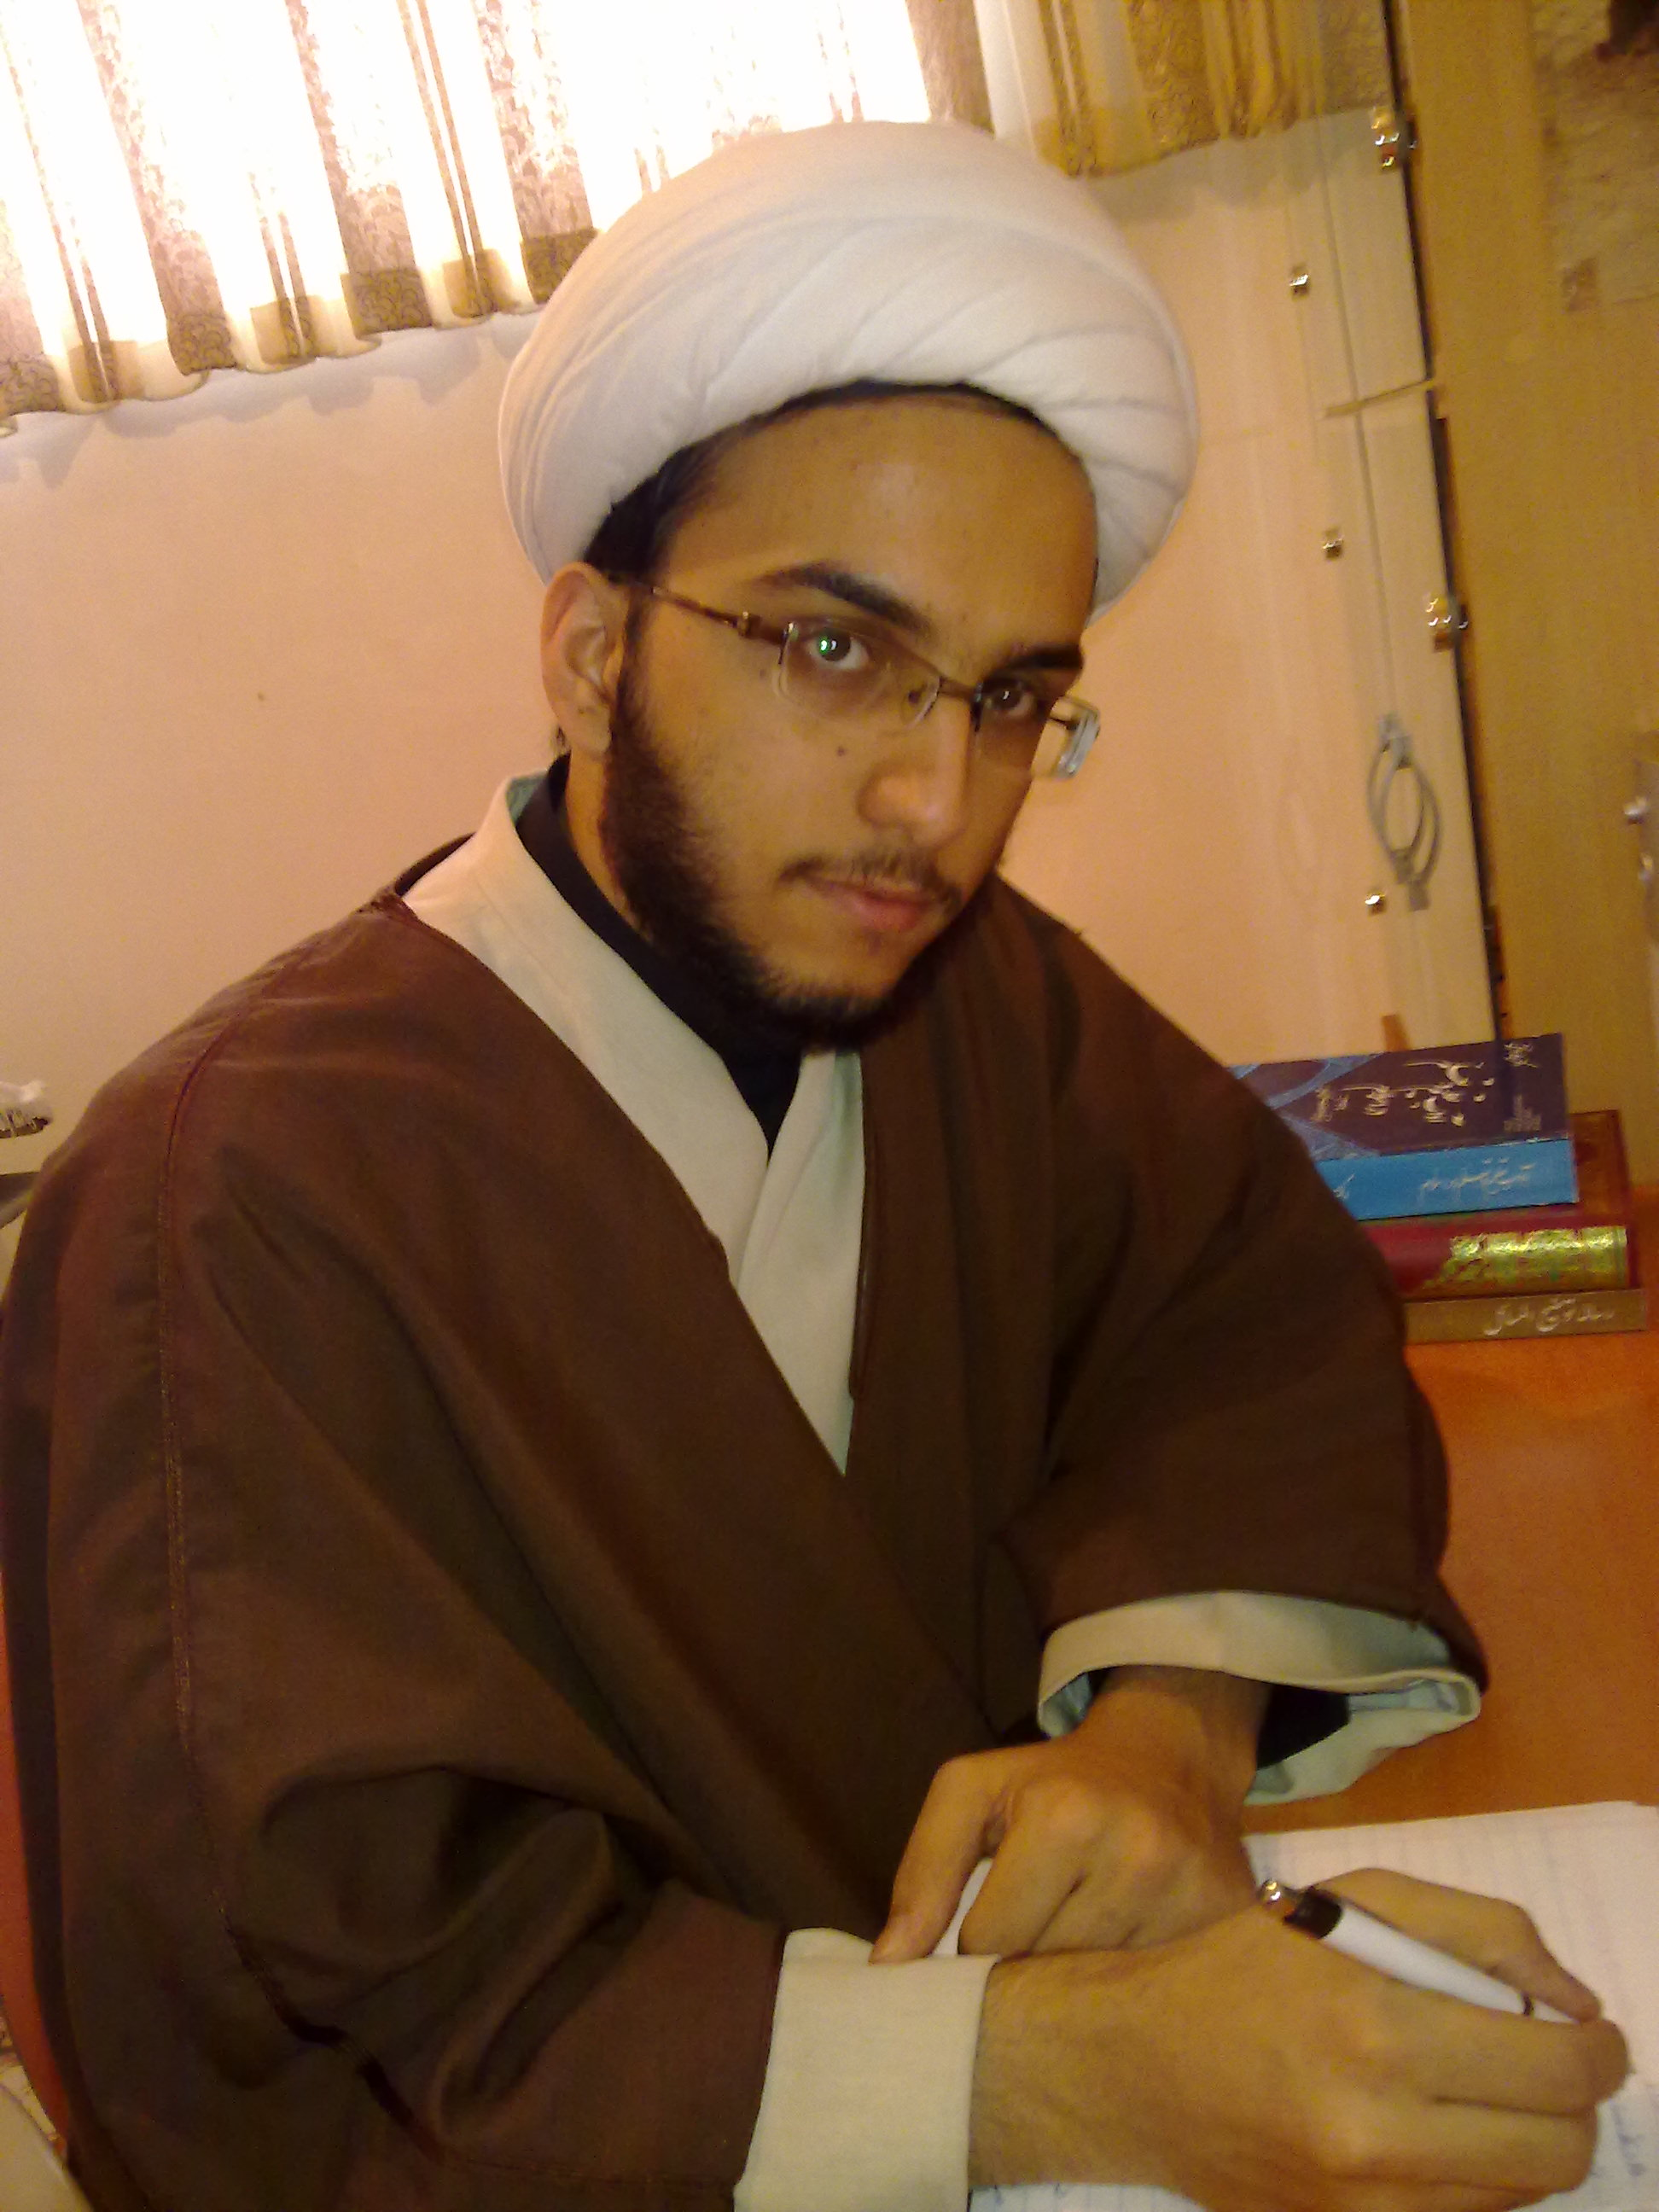 یادداشتهای فانوس - به روز رسانی :  4:8 ع 95/7/10 عنوان آخرین نوشته : انتقال وبلاگ